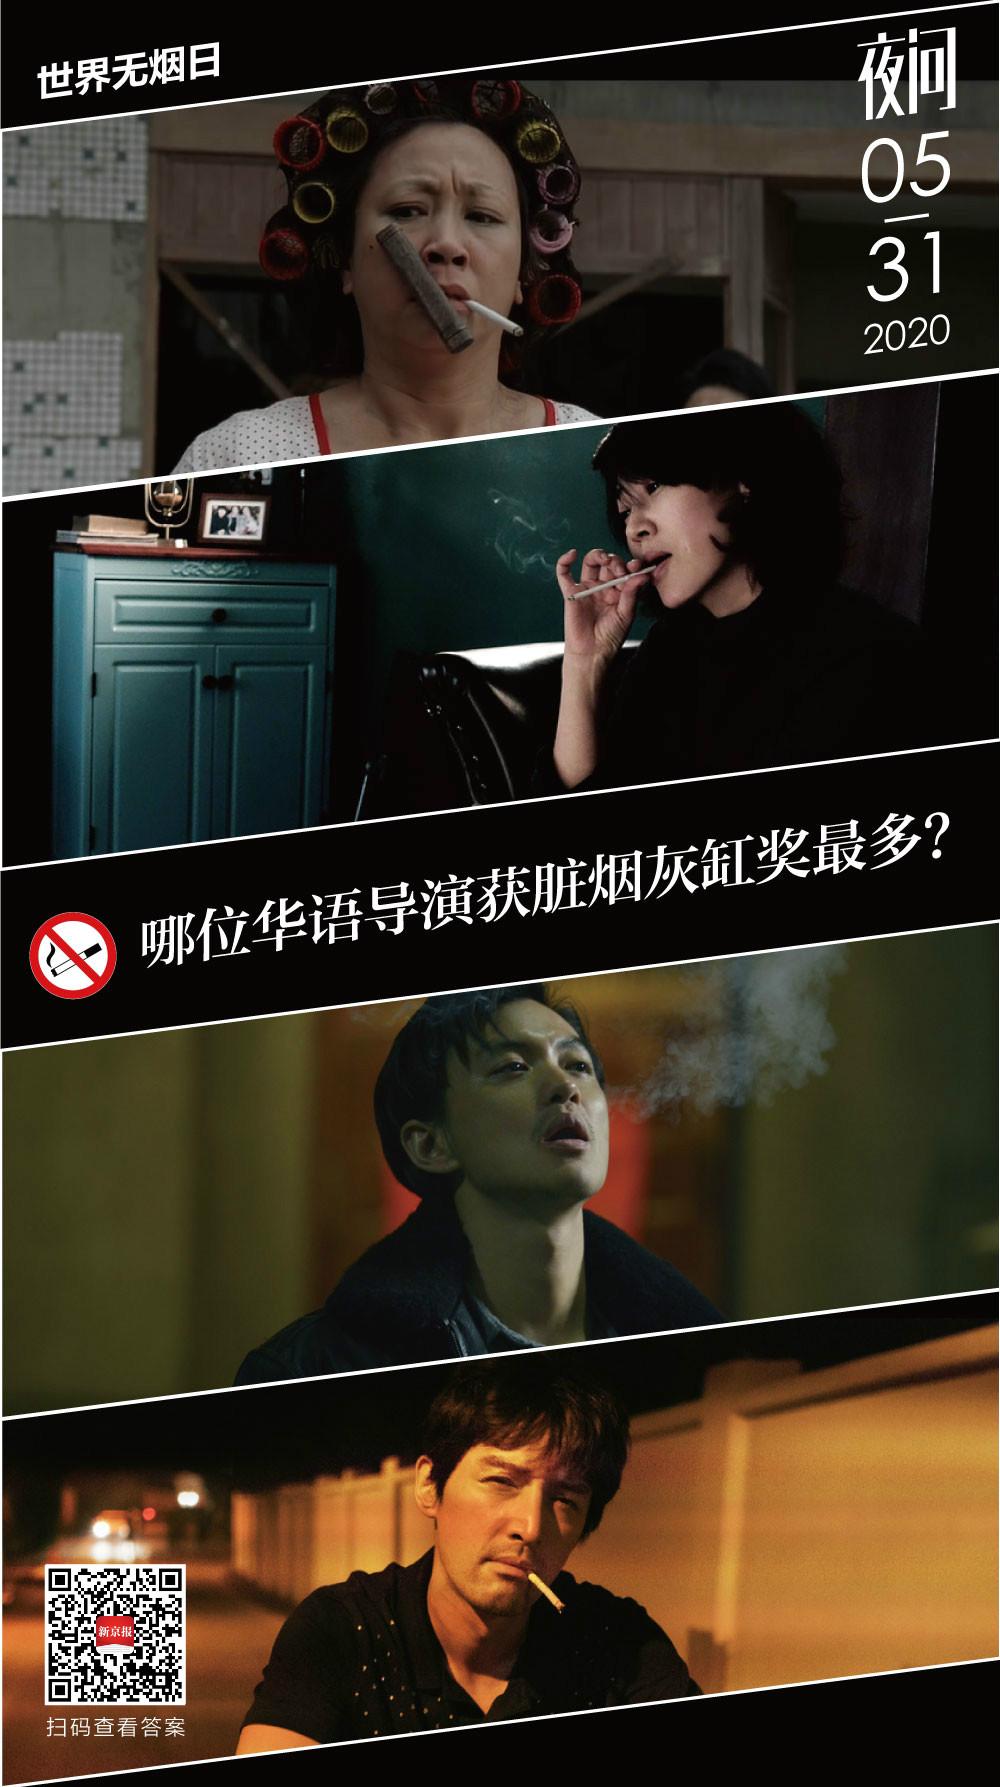 世界无烟日好电影一定要烟雾缭天富绕丨夜问,天富图片